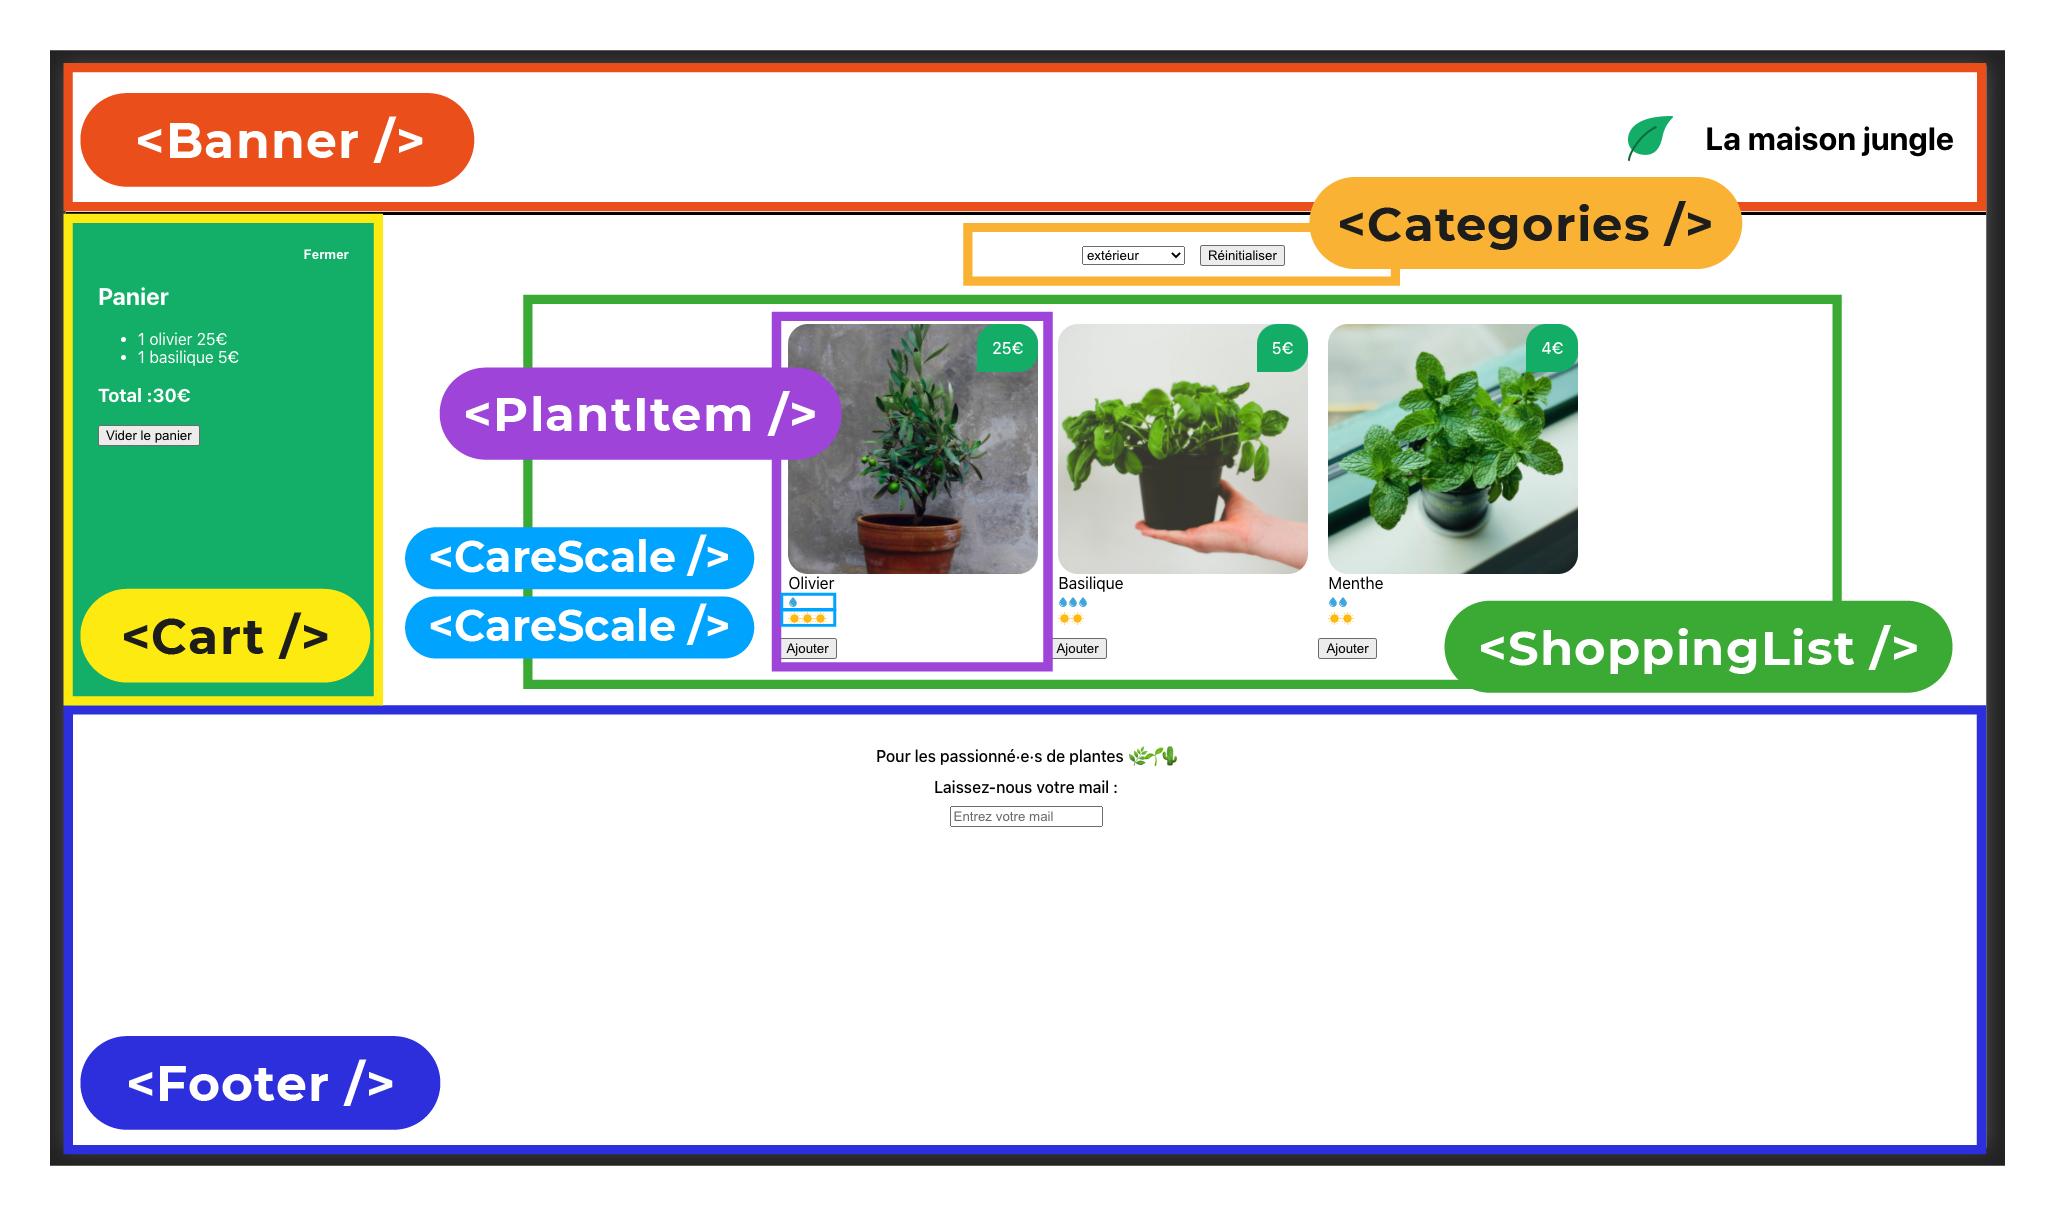 Le site La maison jungle découpé en composants : Banner, Categories, PlantItem, CareScale, Cart, ShoppingList et Footer.